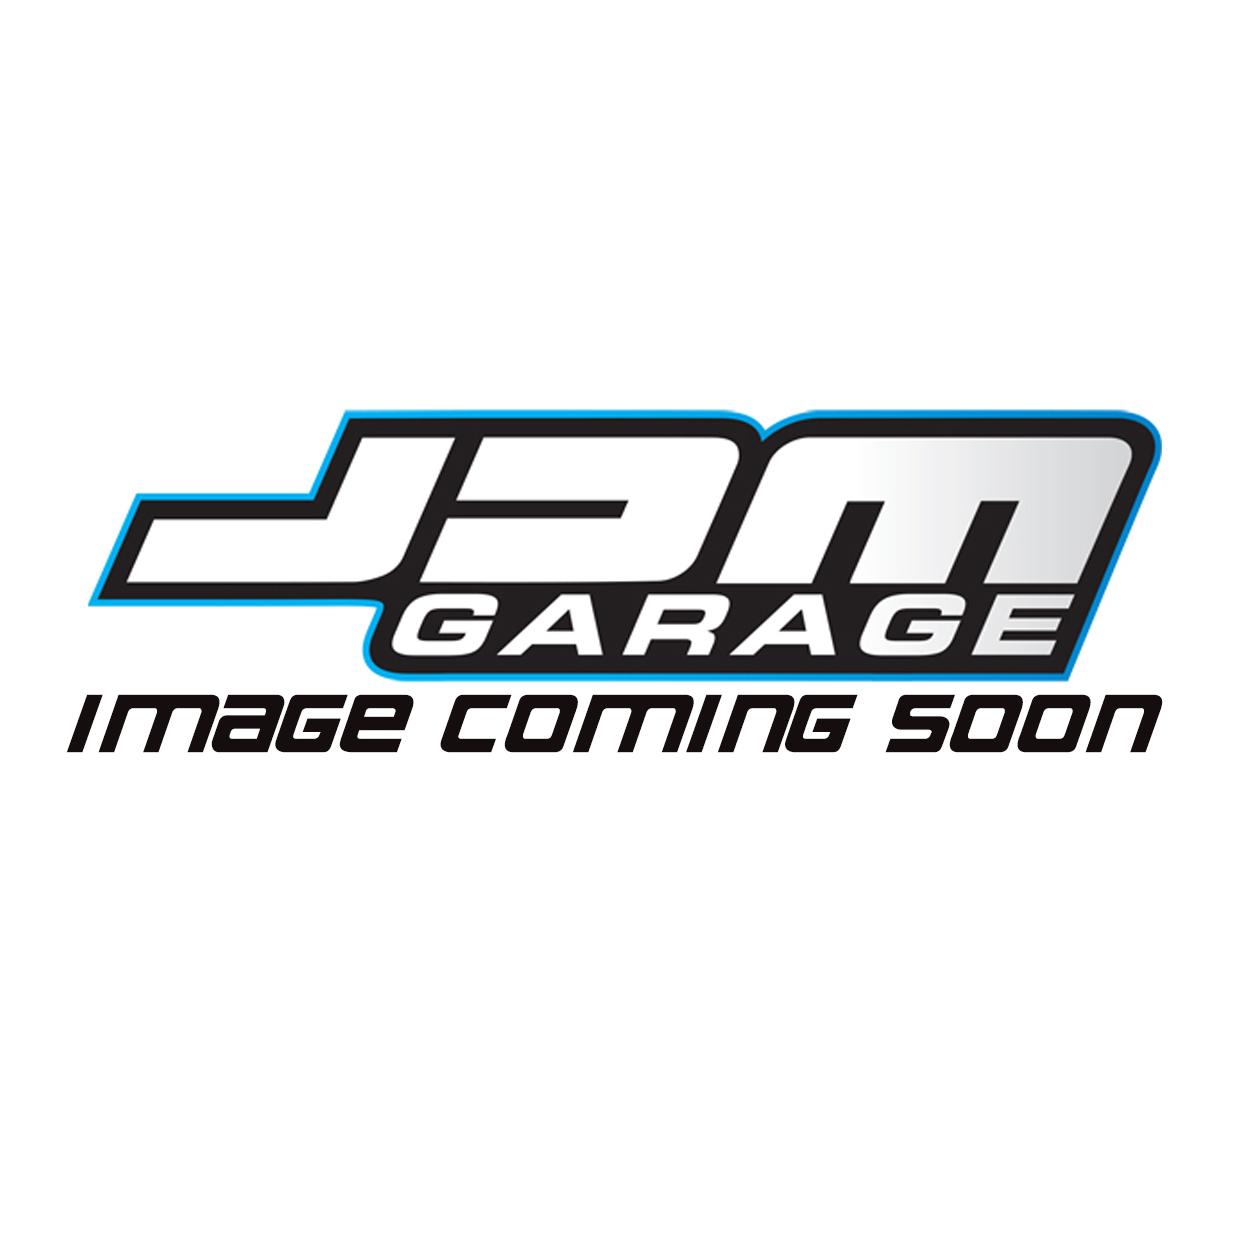 JDMGarageUK T-Shirts